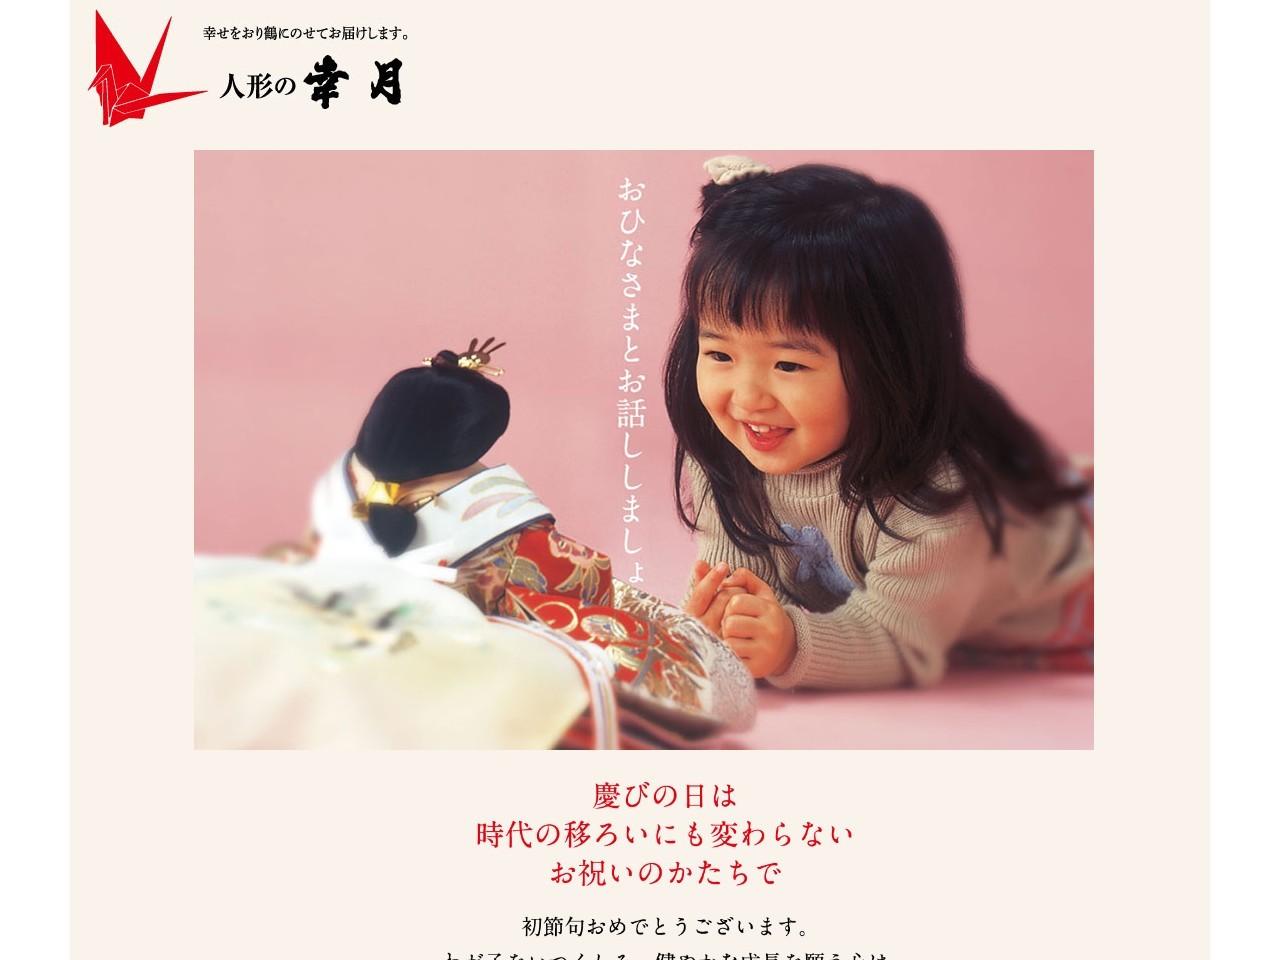 幸月/人形の幸月:幸月は人形専門店として、お子様の初正月には羽子板,破魔弓、桃の節句は、雛人形(ひな人形),三段飾り,七段飾り,平飾り,端午の節句は五月人形,兜飾り,鎧飾り,ケース飾り,こいのぼりを人形専門店ではの品数を揃えてお待ちしております。(社)日本人形協会・ 全日本人形専門店チェーン 加盟